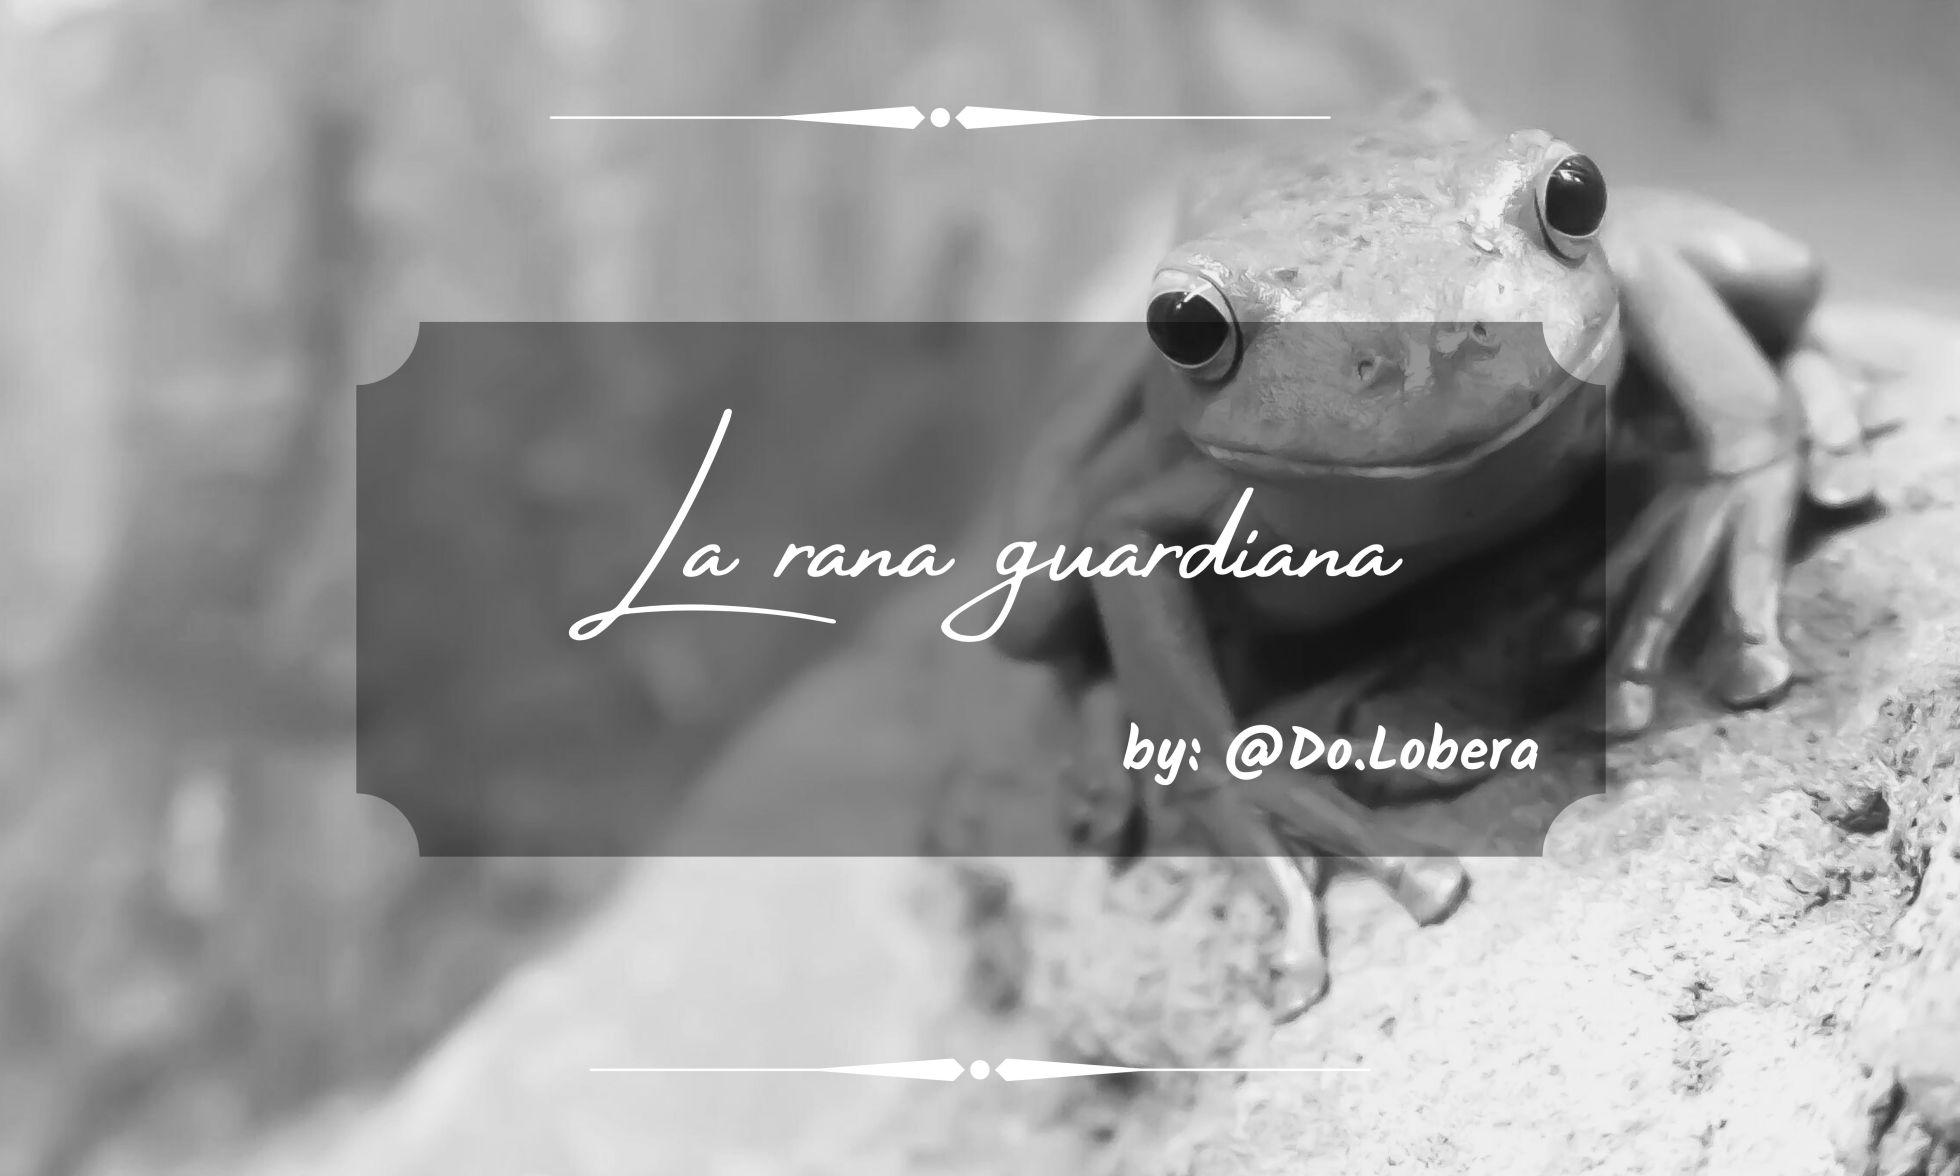 La rana guardiana - By do.lobera